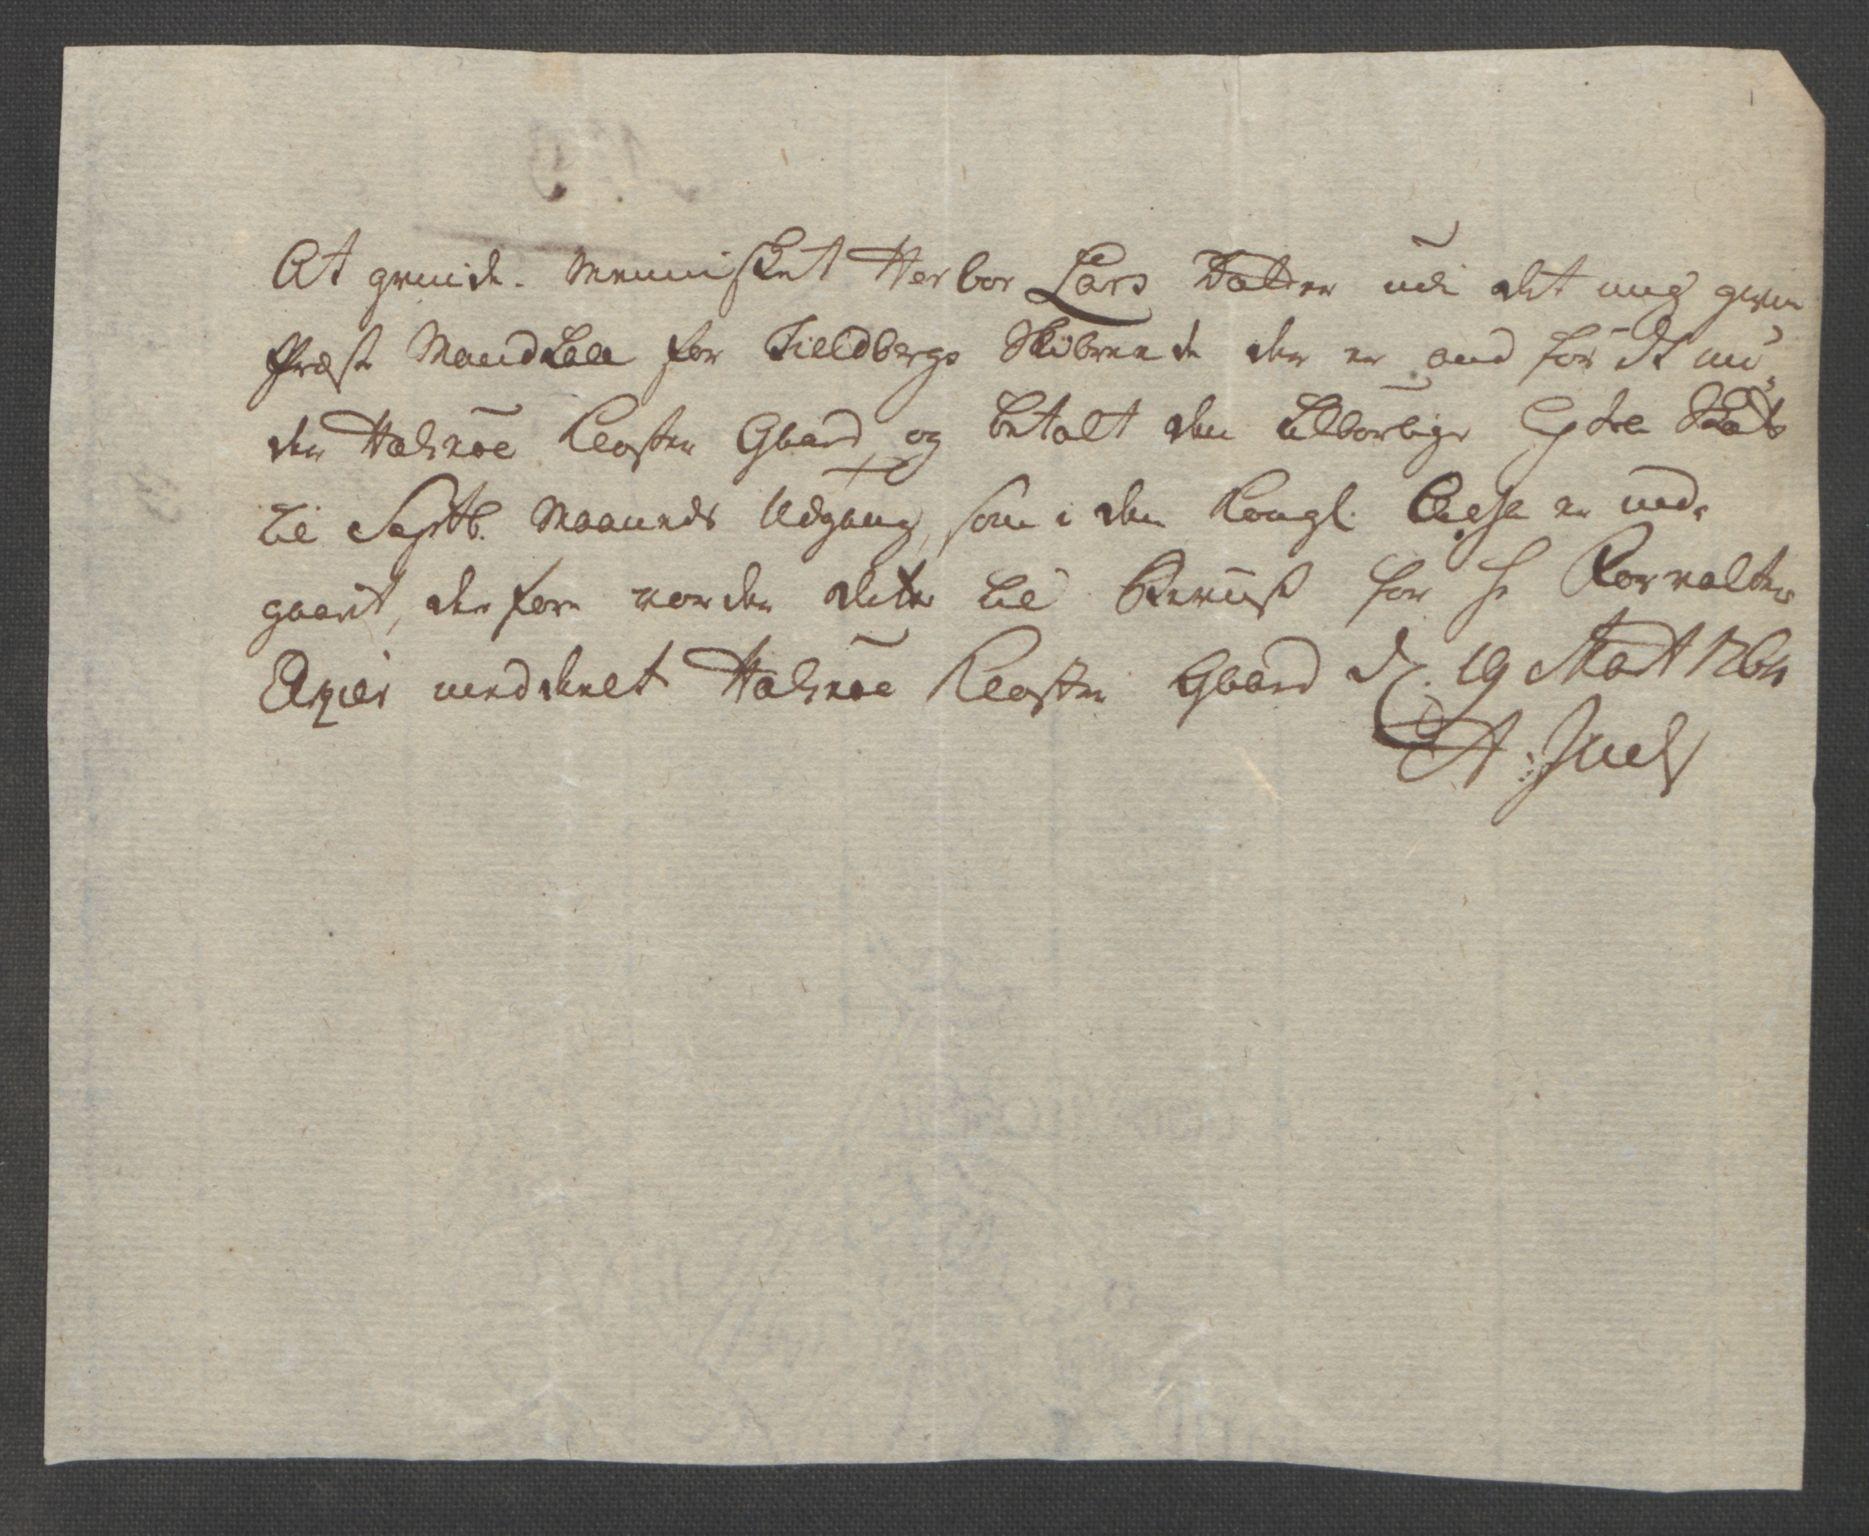 RA, Rentekammeret inntil 1814, Reviderte regnskaper, Fogderegnskap, R49/L3157: Ekstraskatten Rosendal Baroni, 1762-1772, s. 47